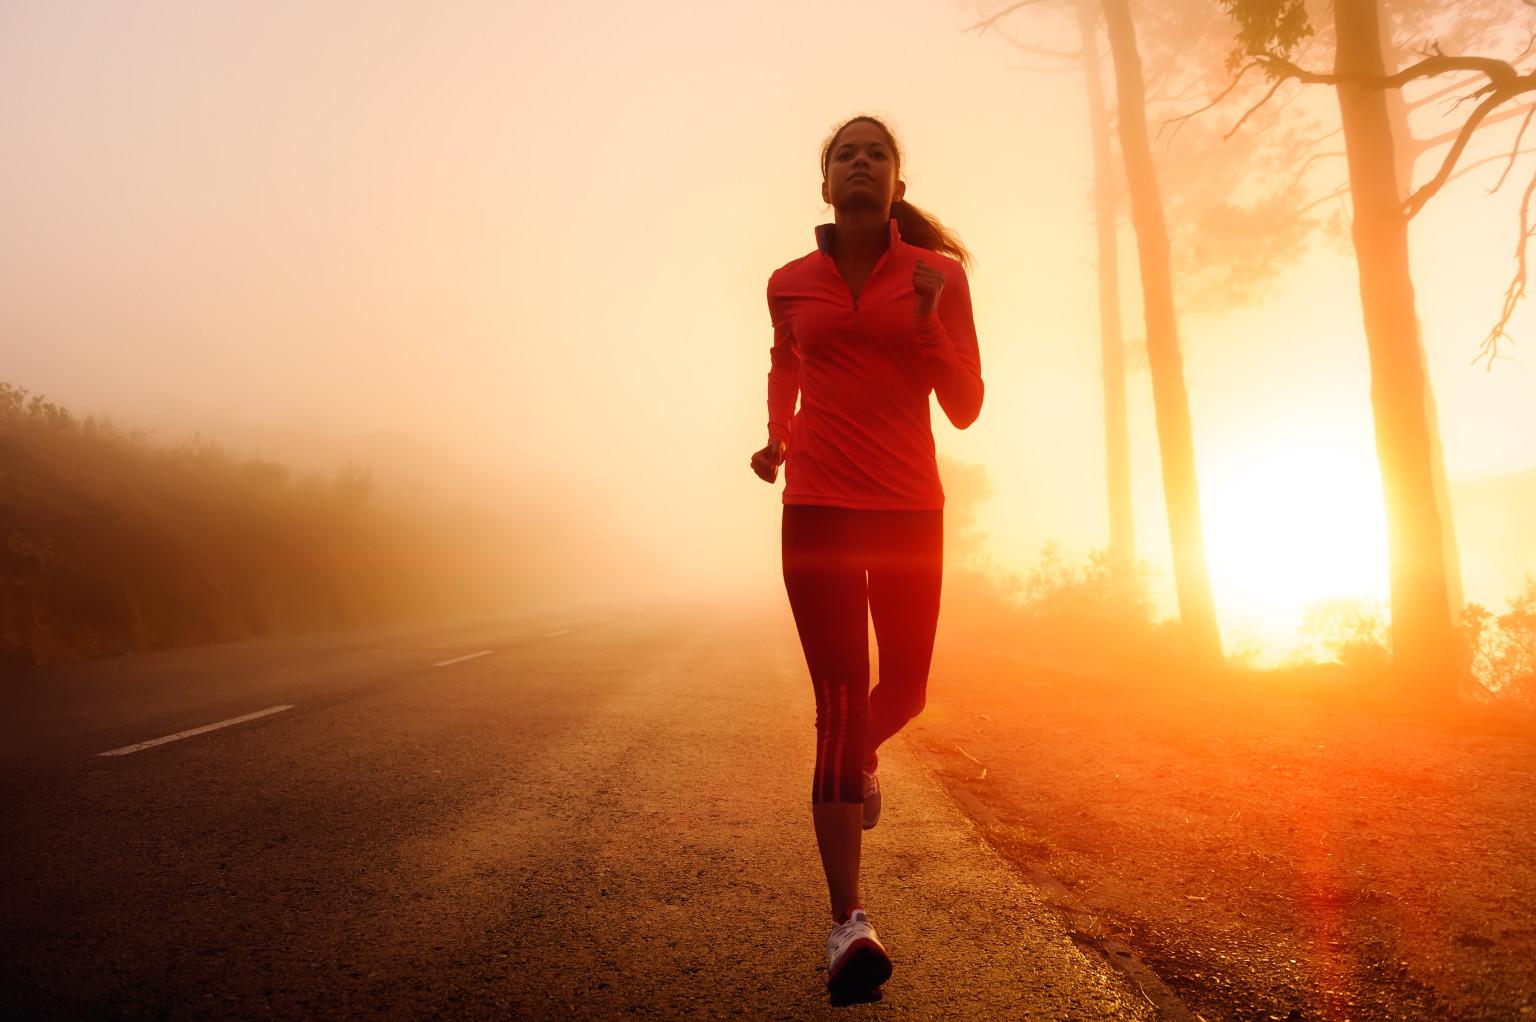 ورزش منظم میتواند به انعطافپذیر نگه داشتن مفاصل کمک کند